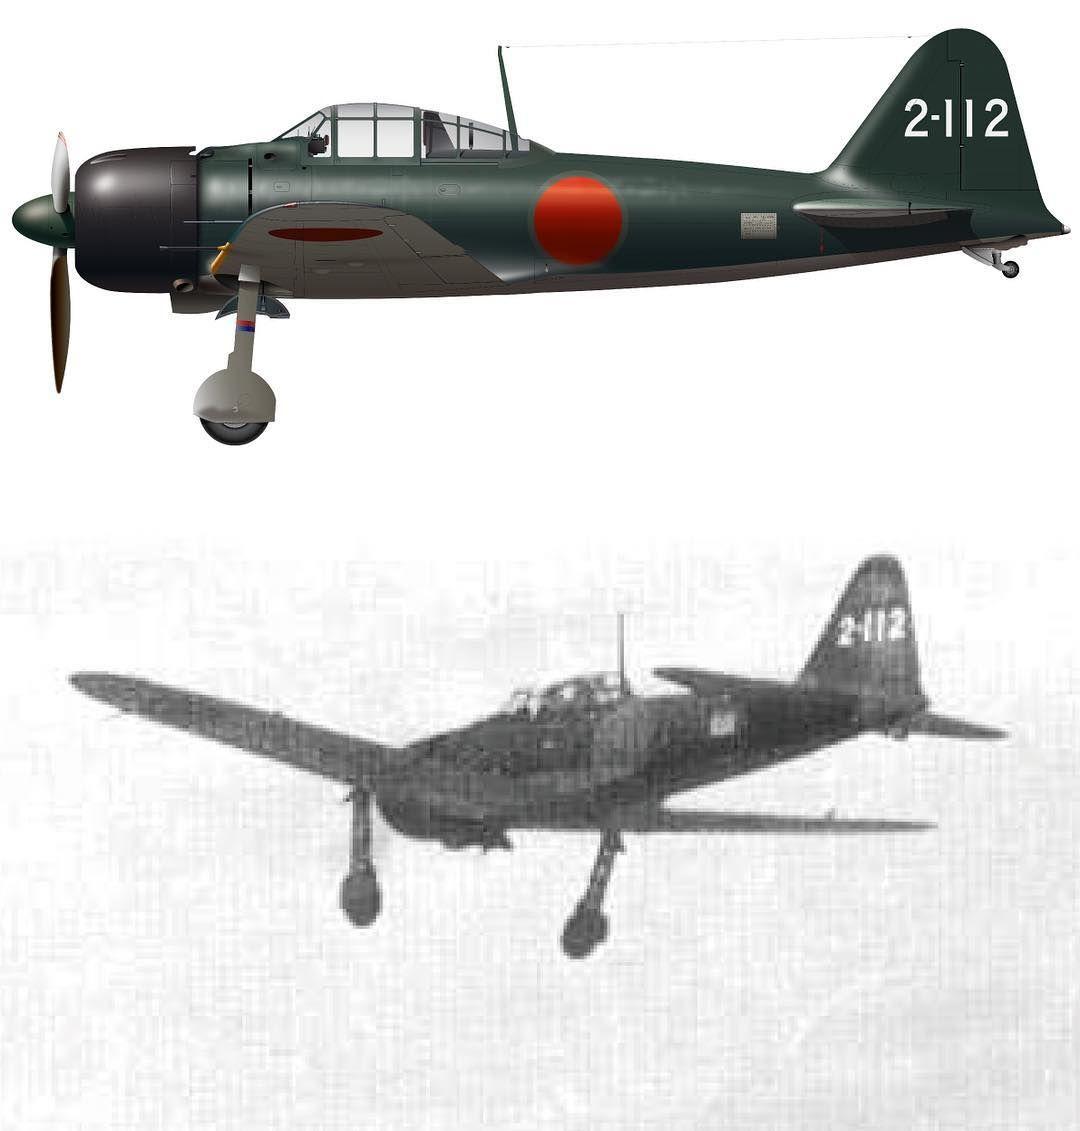 離昇する零戦 』 . 第201海軍航空隊 ( 201th Air Squadron ) . 零戦22 ...